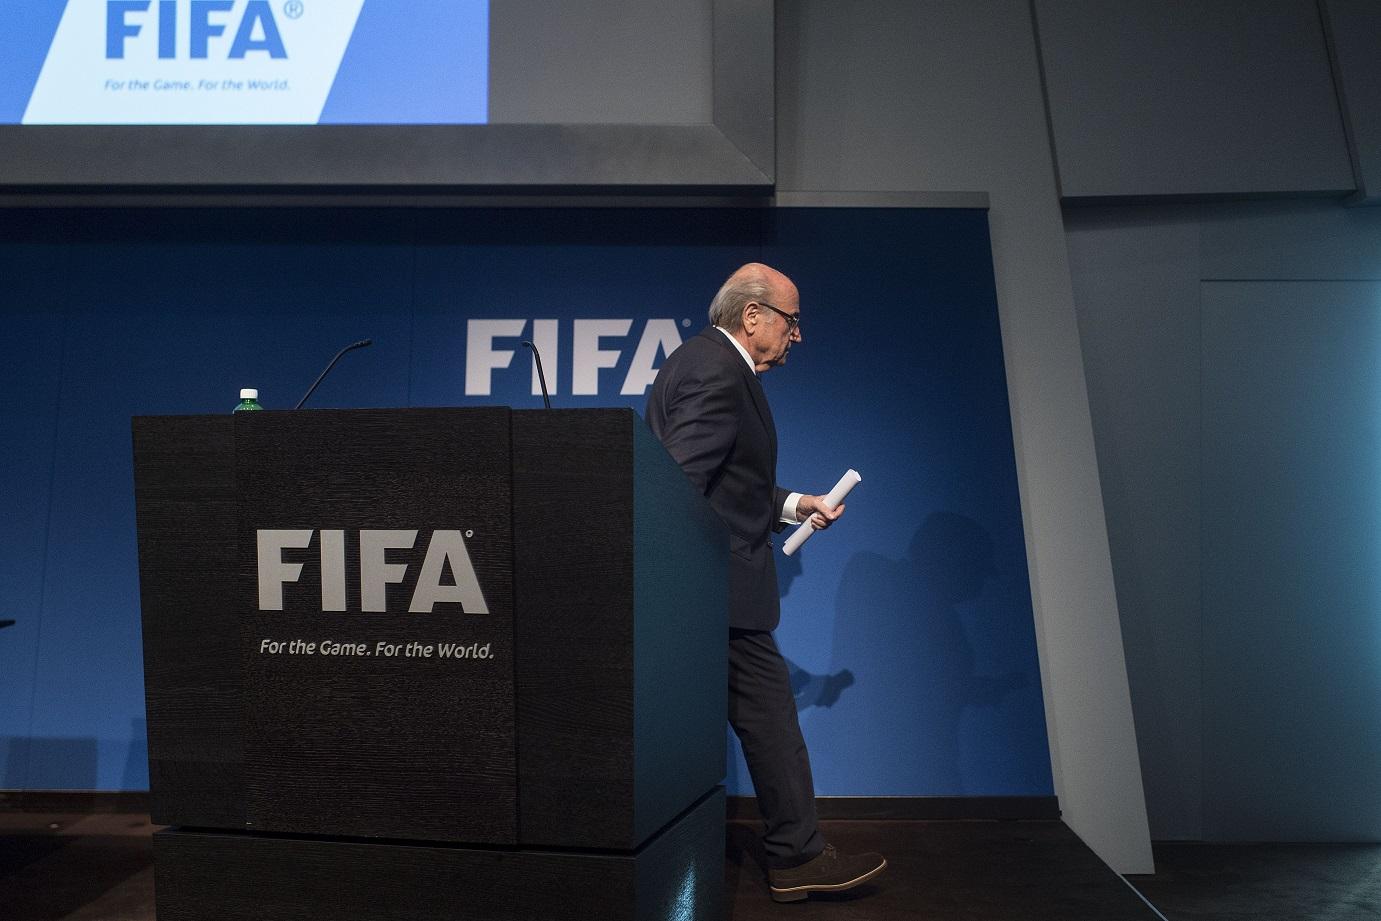 Sepp Blatter resigns